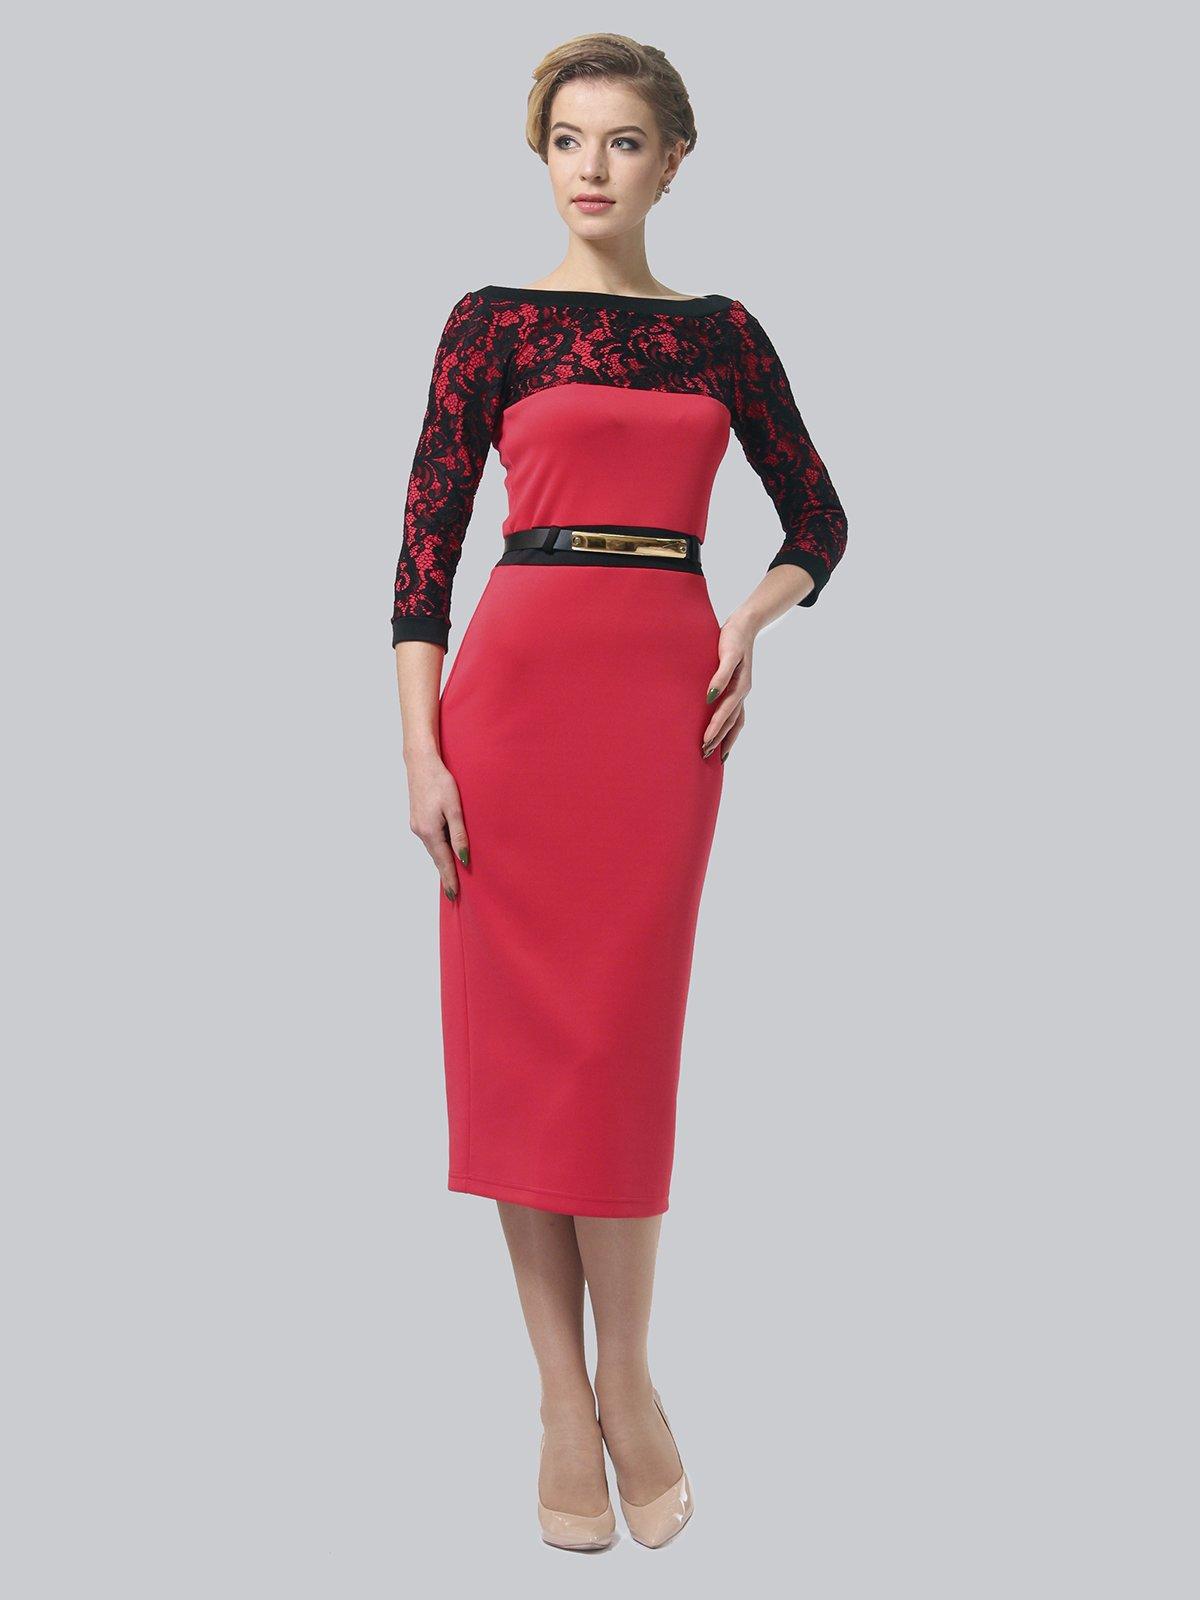 Платье коралловое   3851933   фото 3